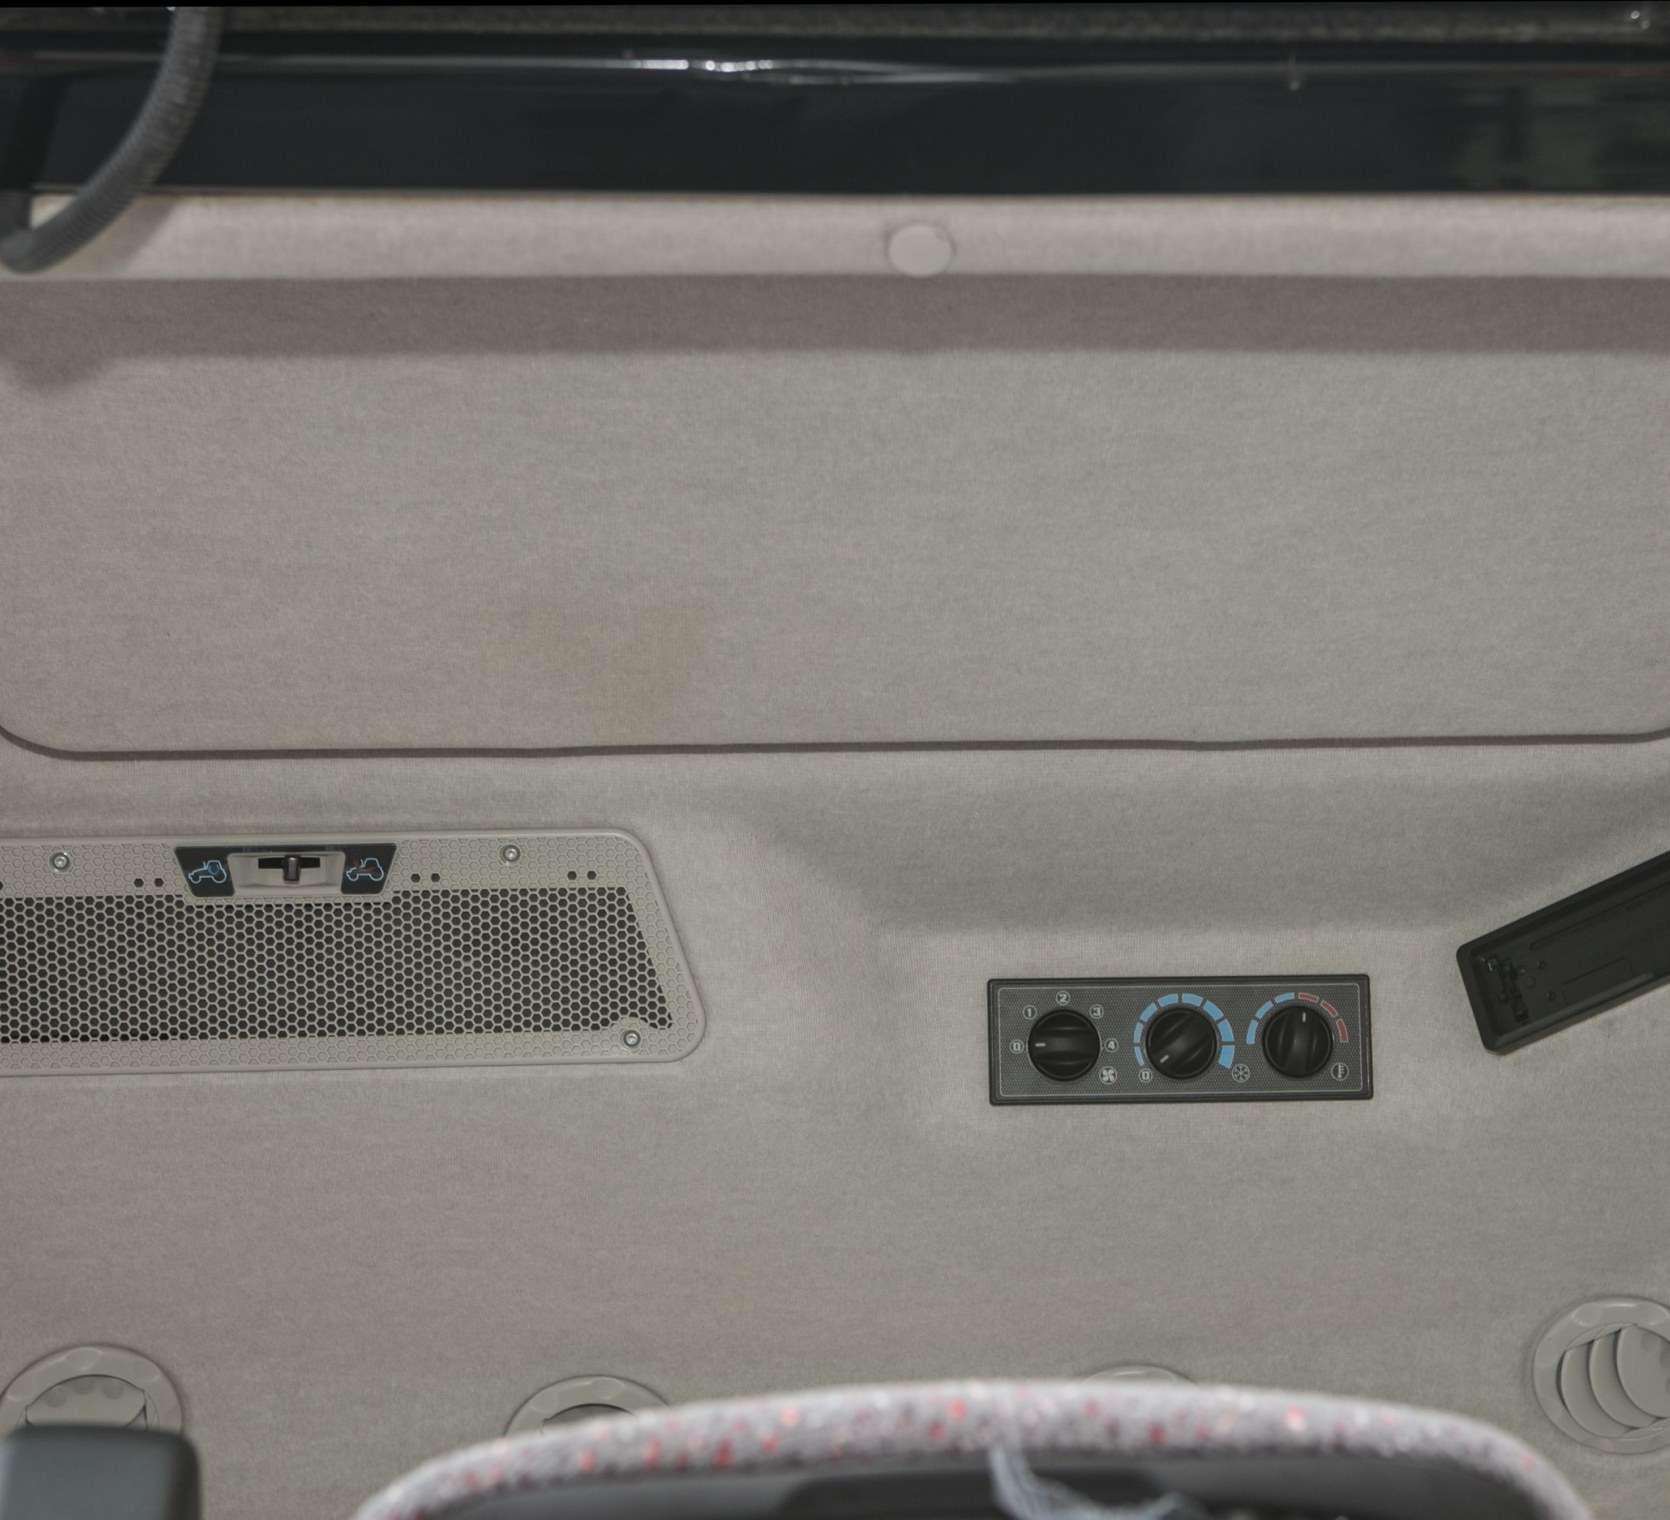 Wentylacja klimatyzacja i ogrzewanie w panelu sufitowym ciągnika MF 5611 od korbanek.pl